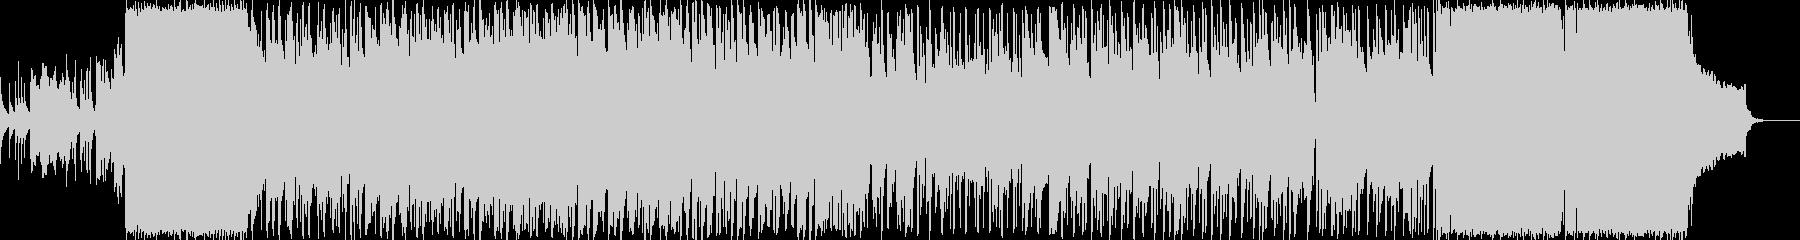 ピアノ主旋律のファンタジック変拍子ポップの未再生の波形